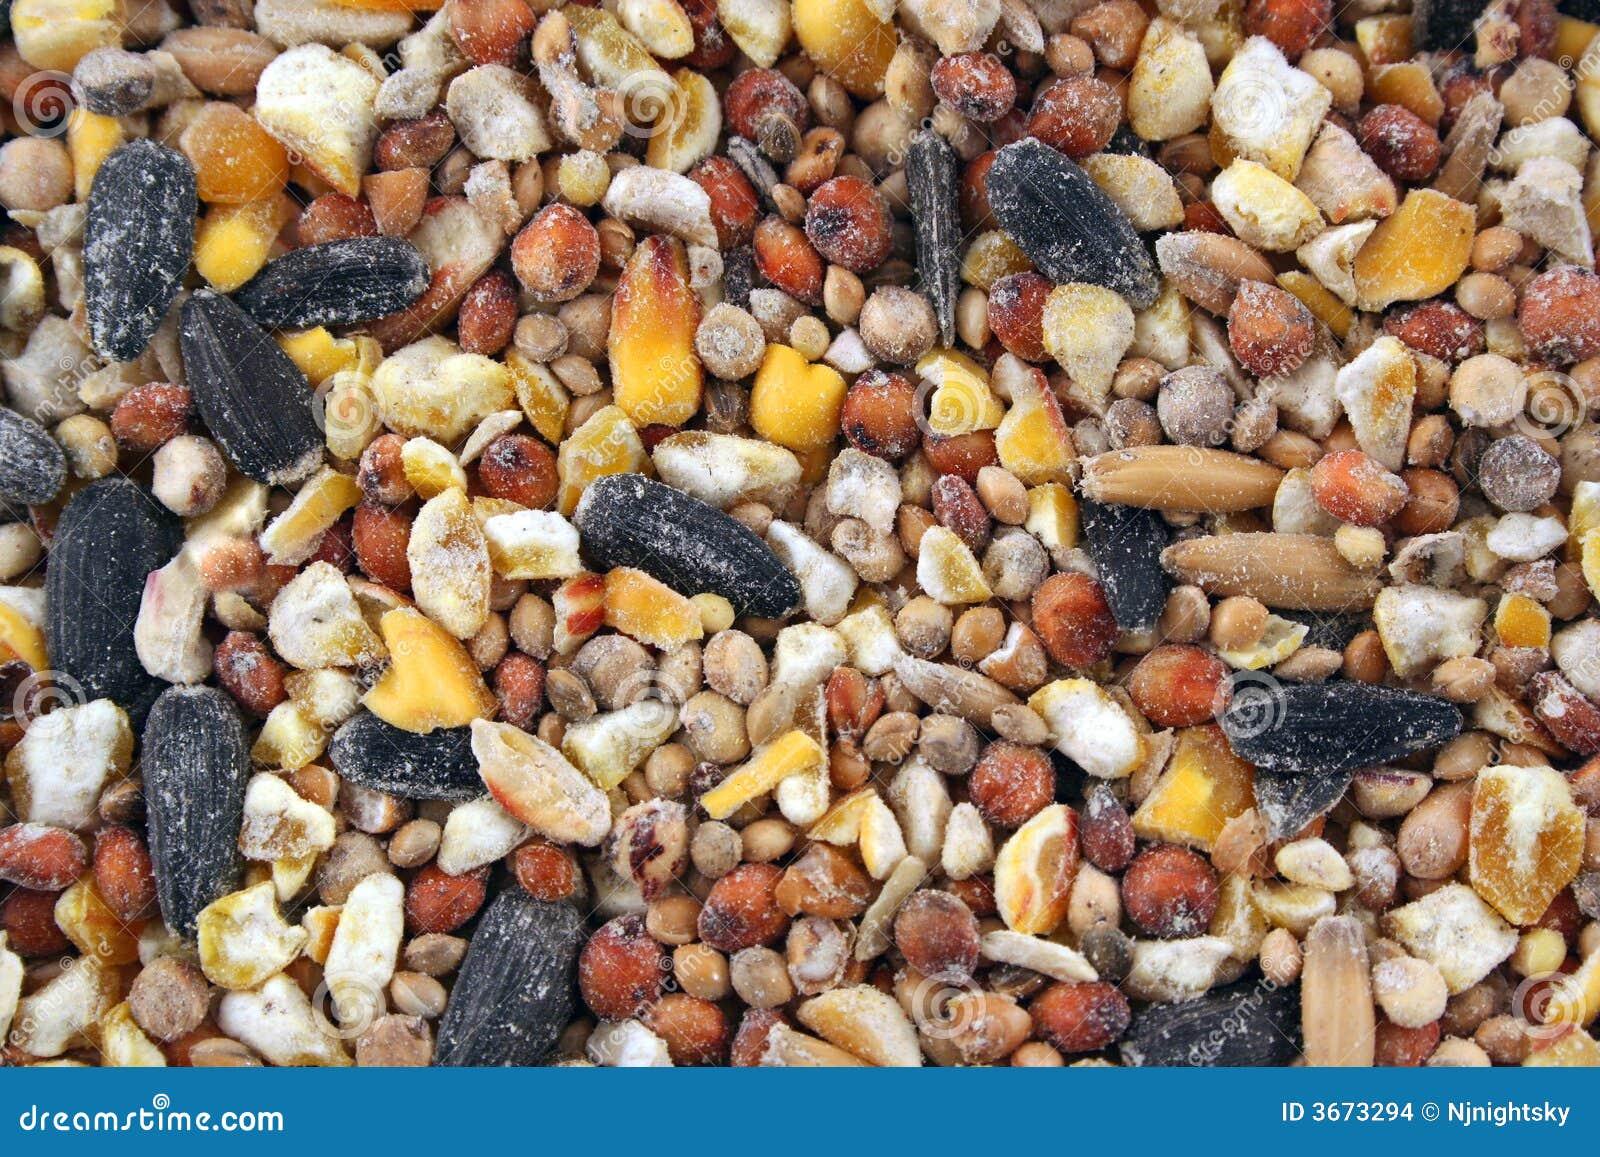 Fond de texture de graine d 39 oiseau images stock image - Graine de piment oiseau ...